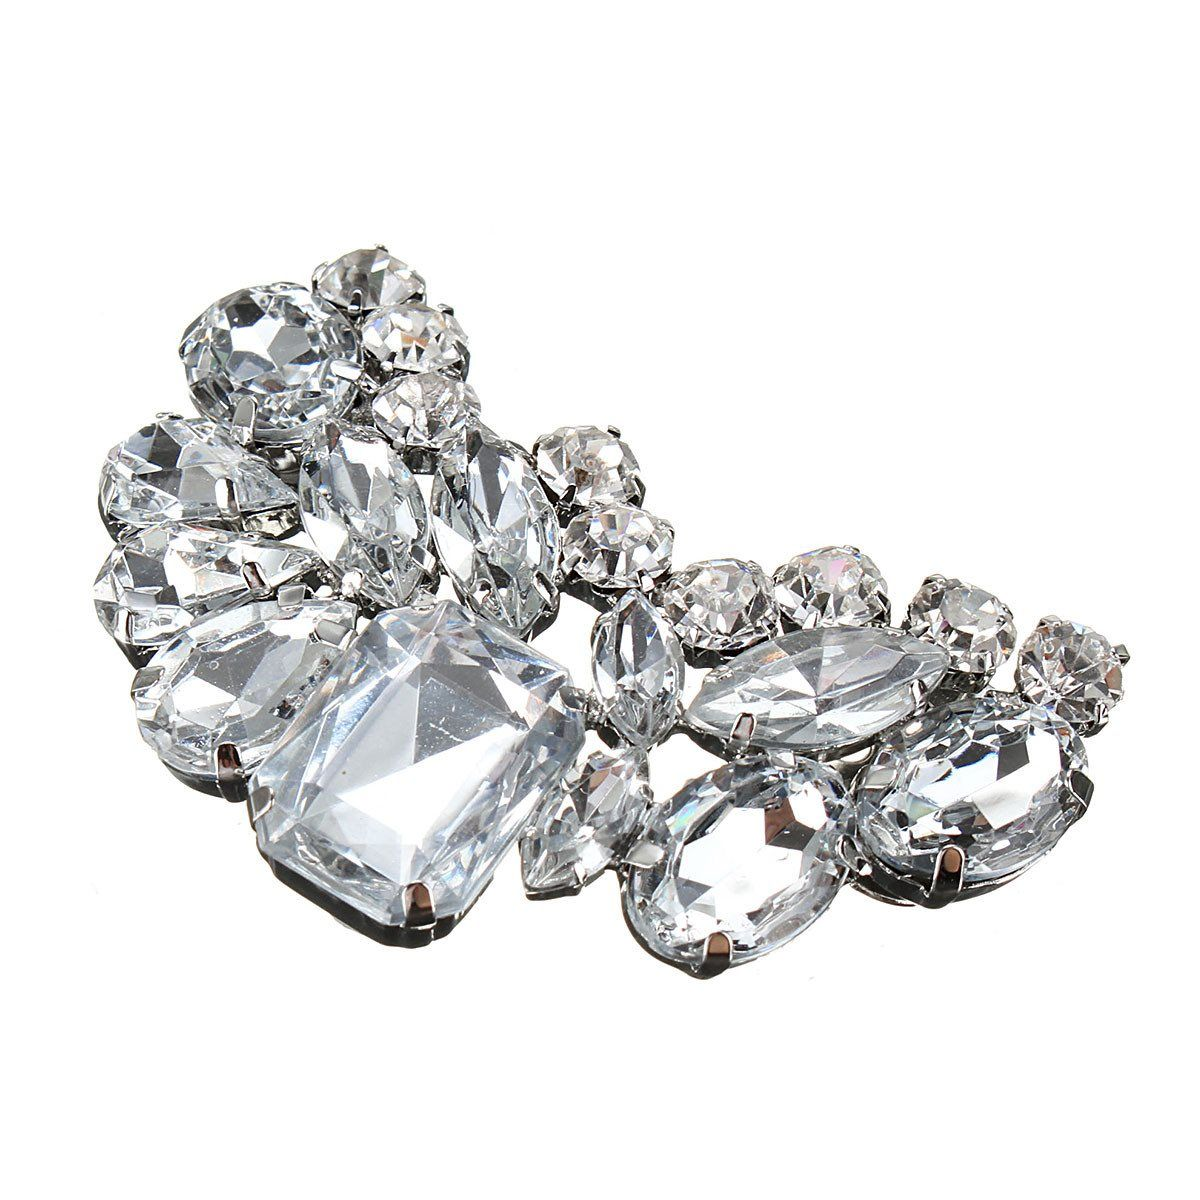 Clip Per Scarpe Da Sposa.1 Pezzo Negozio Decorativi Accessori Per Scarpe Da Sposa Scarpe Da